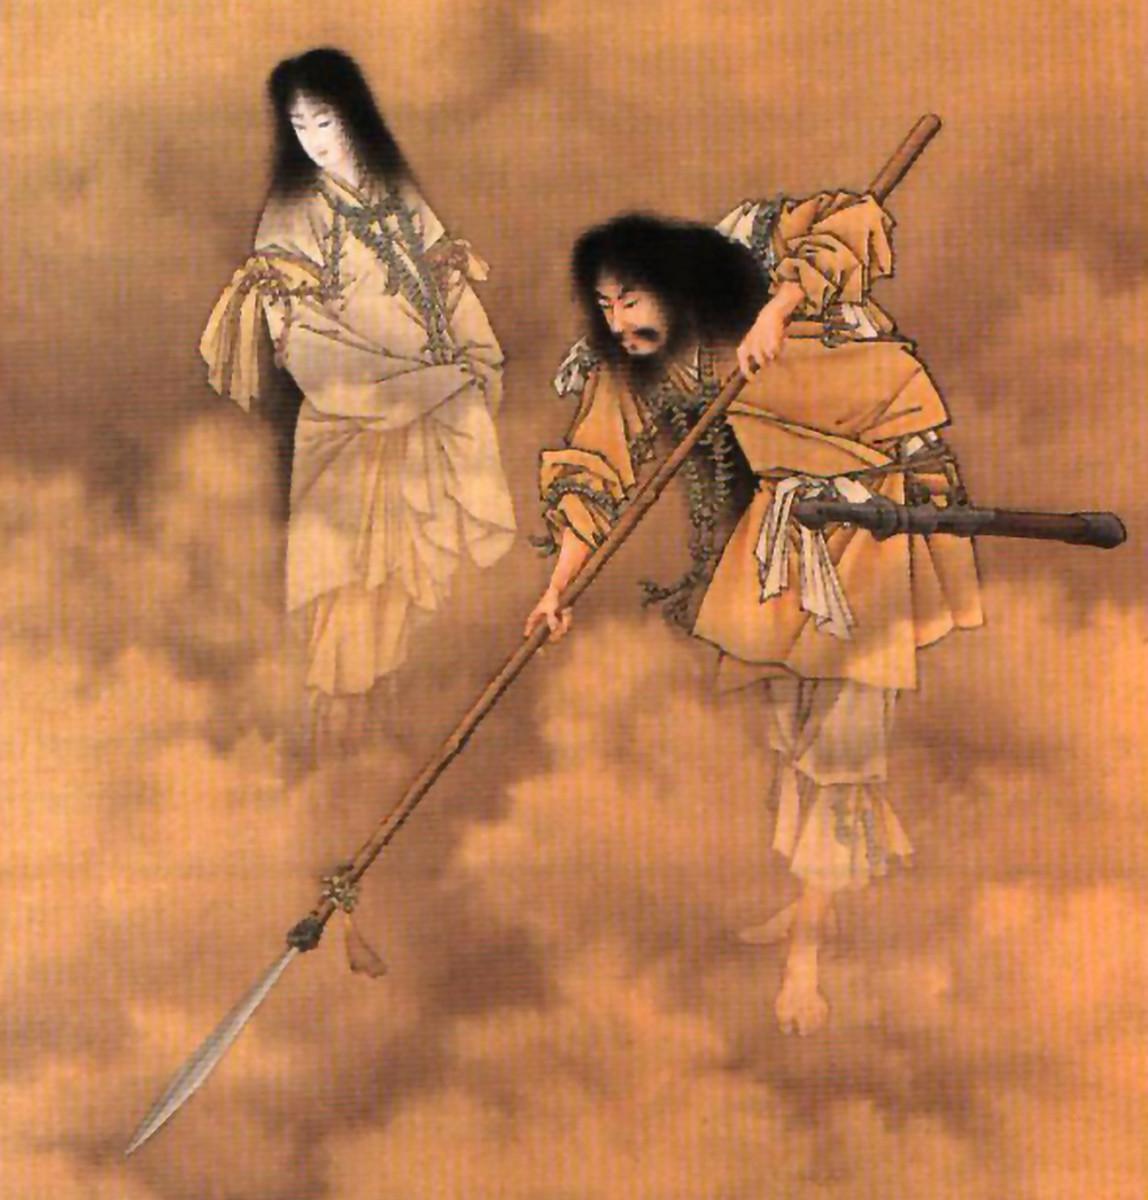 The Shinto myth of Izanagi and Izanami. As tragic as it is symbolic.